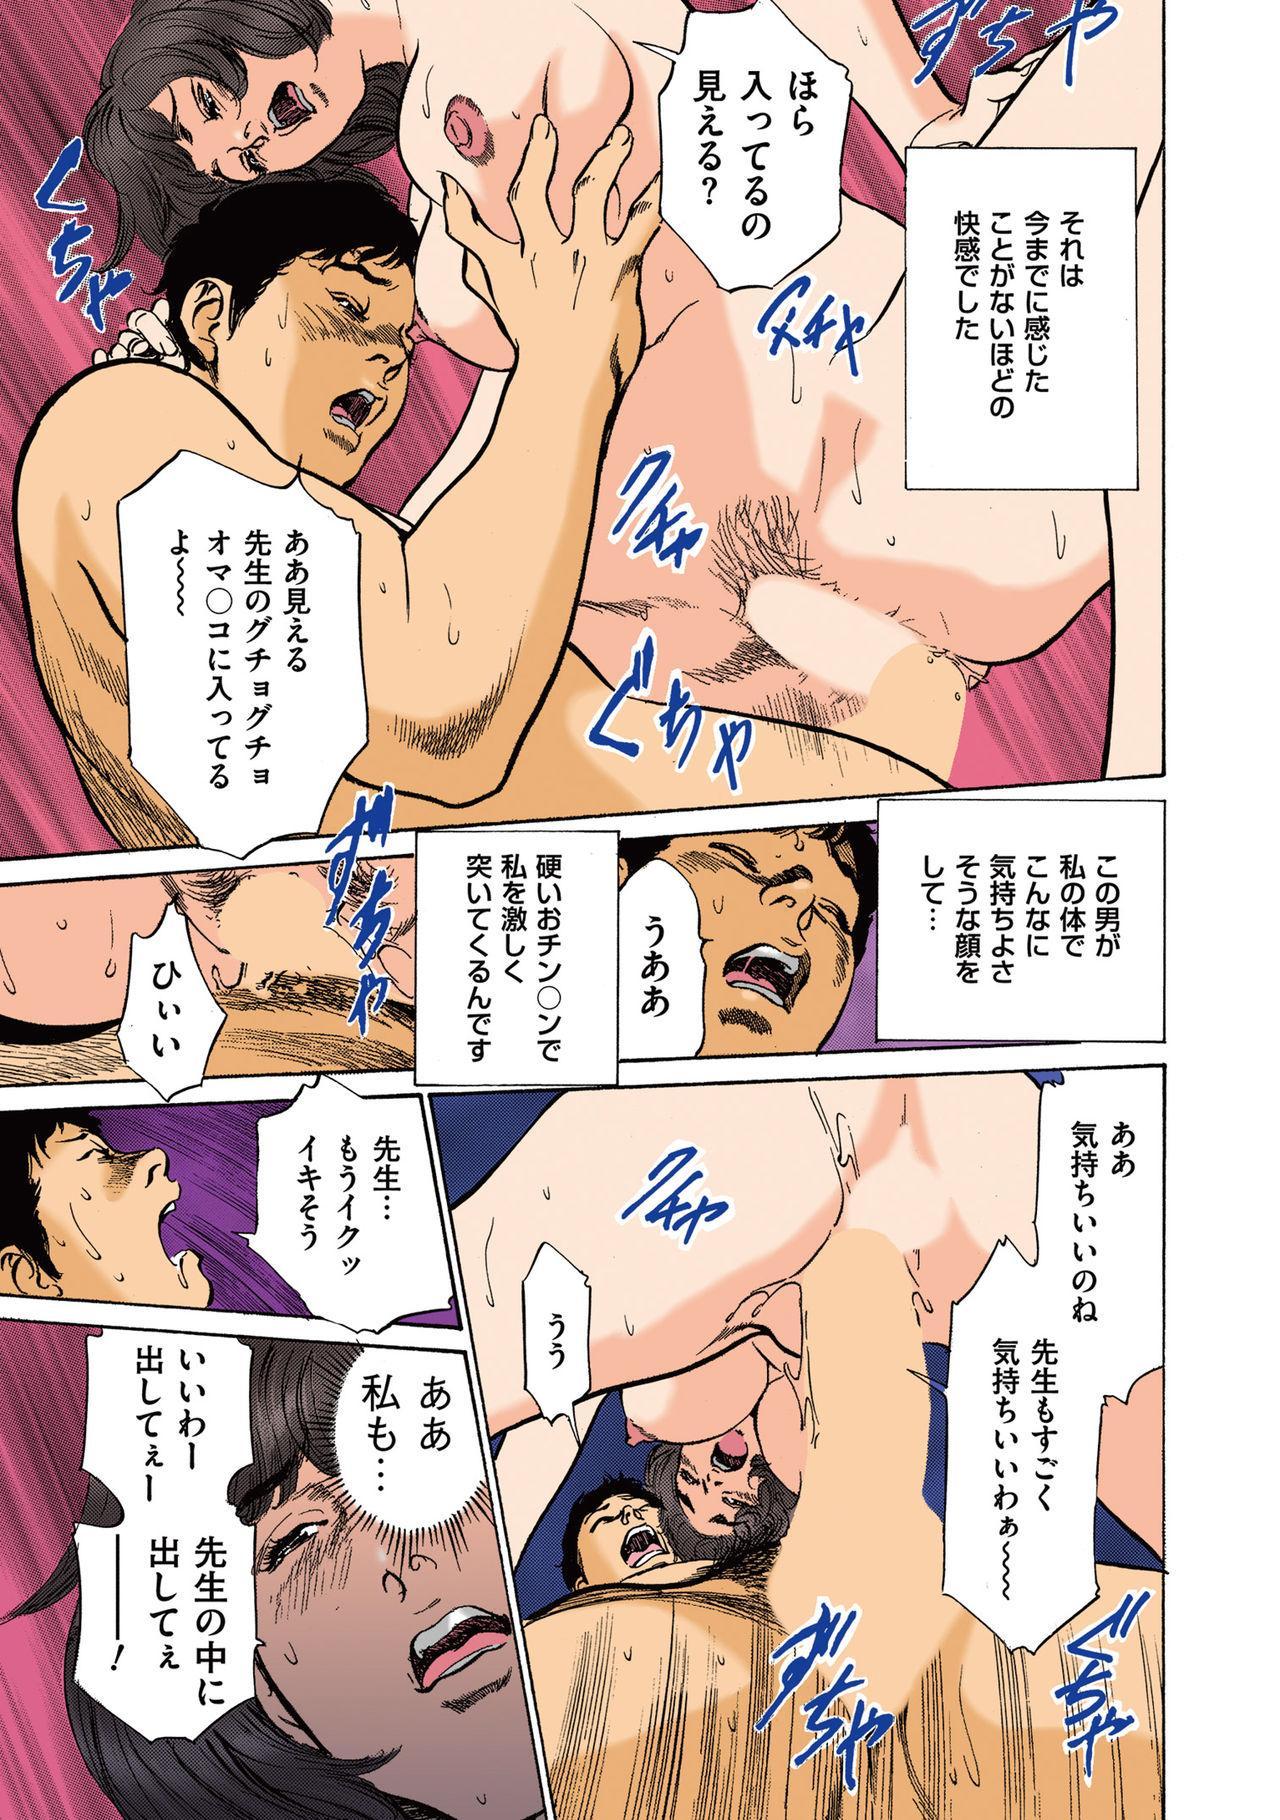 [Hazuki Kaoru] Hazuki Kaoru no Tamaranai Hanashi (Full Color Version) 2-1 34